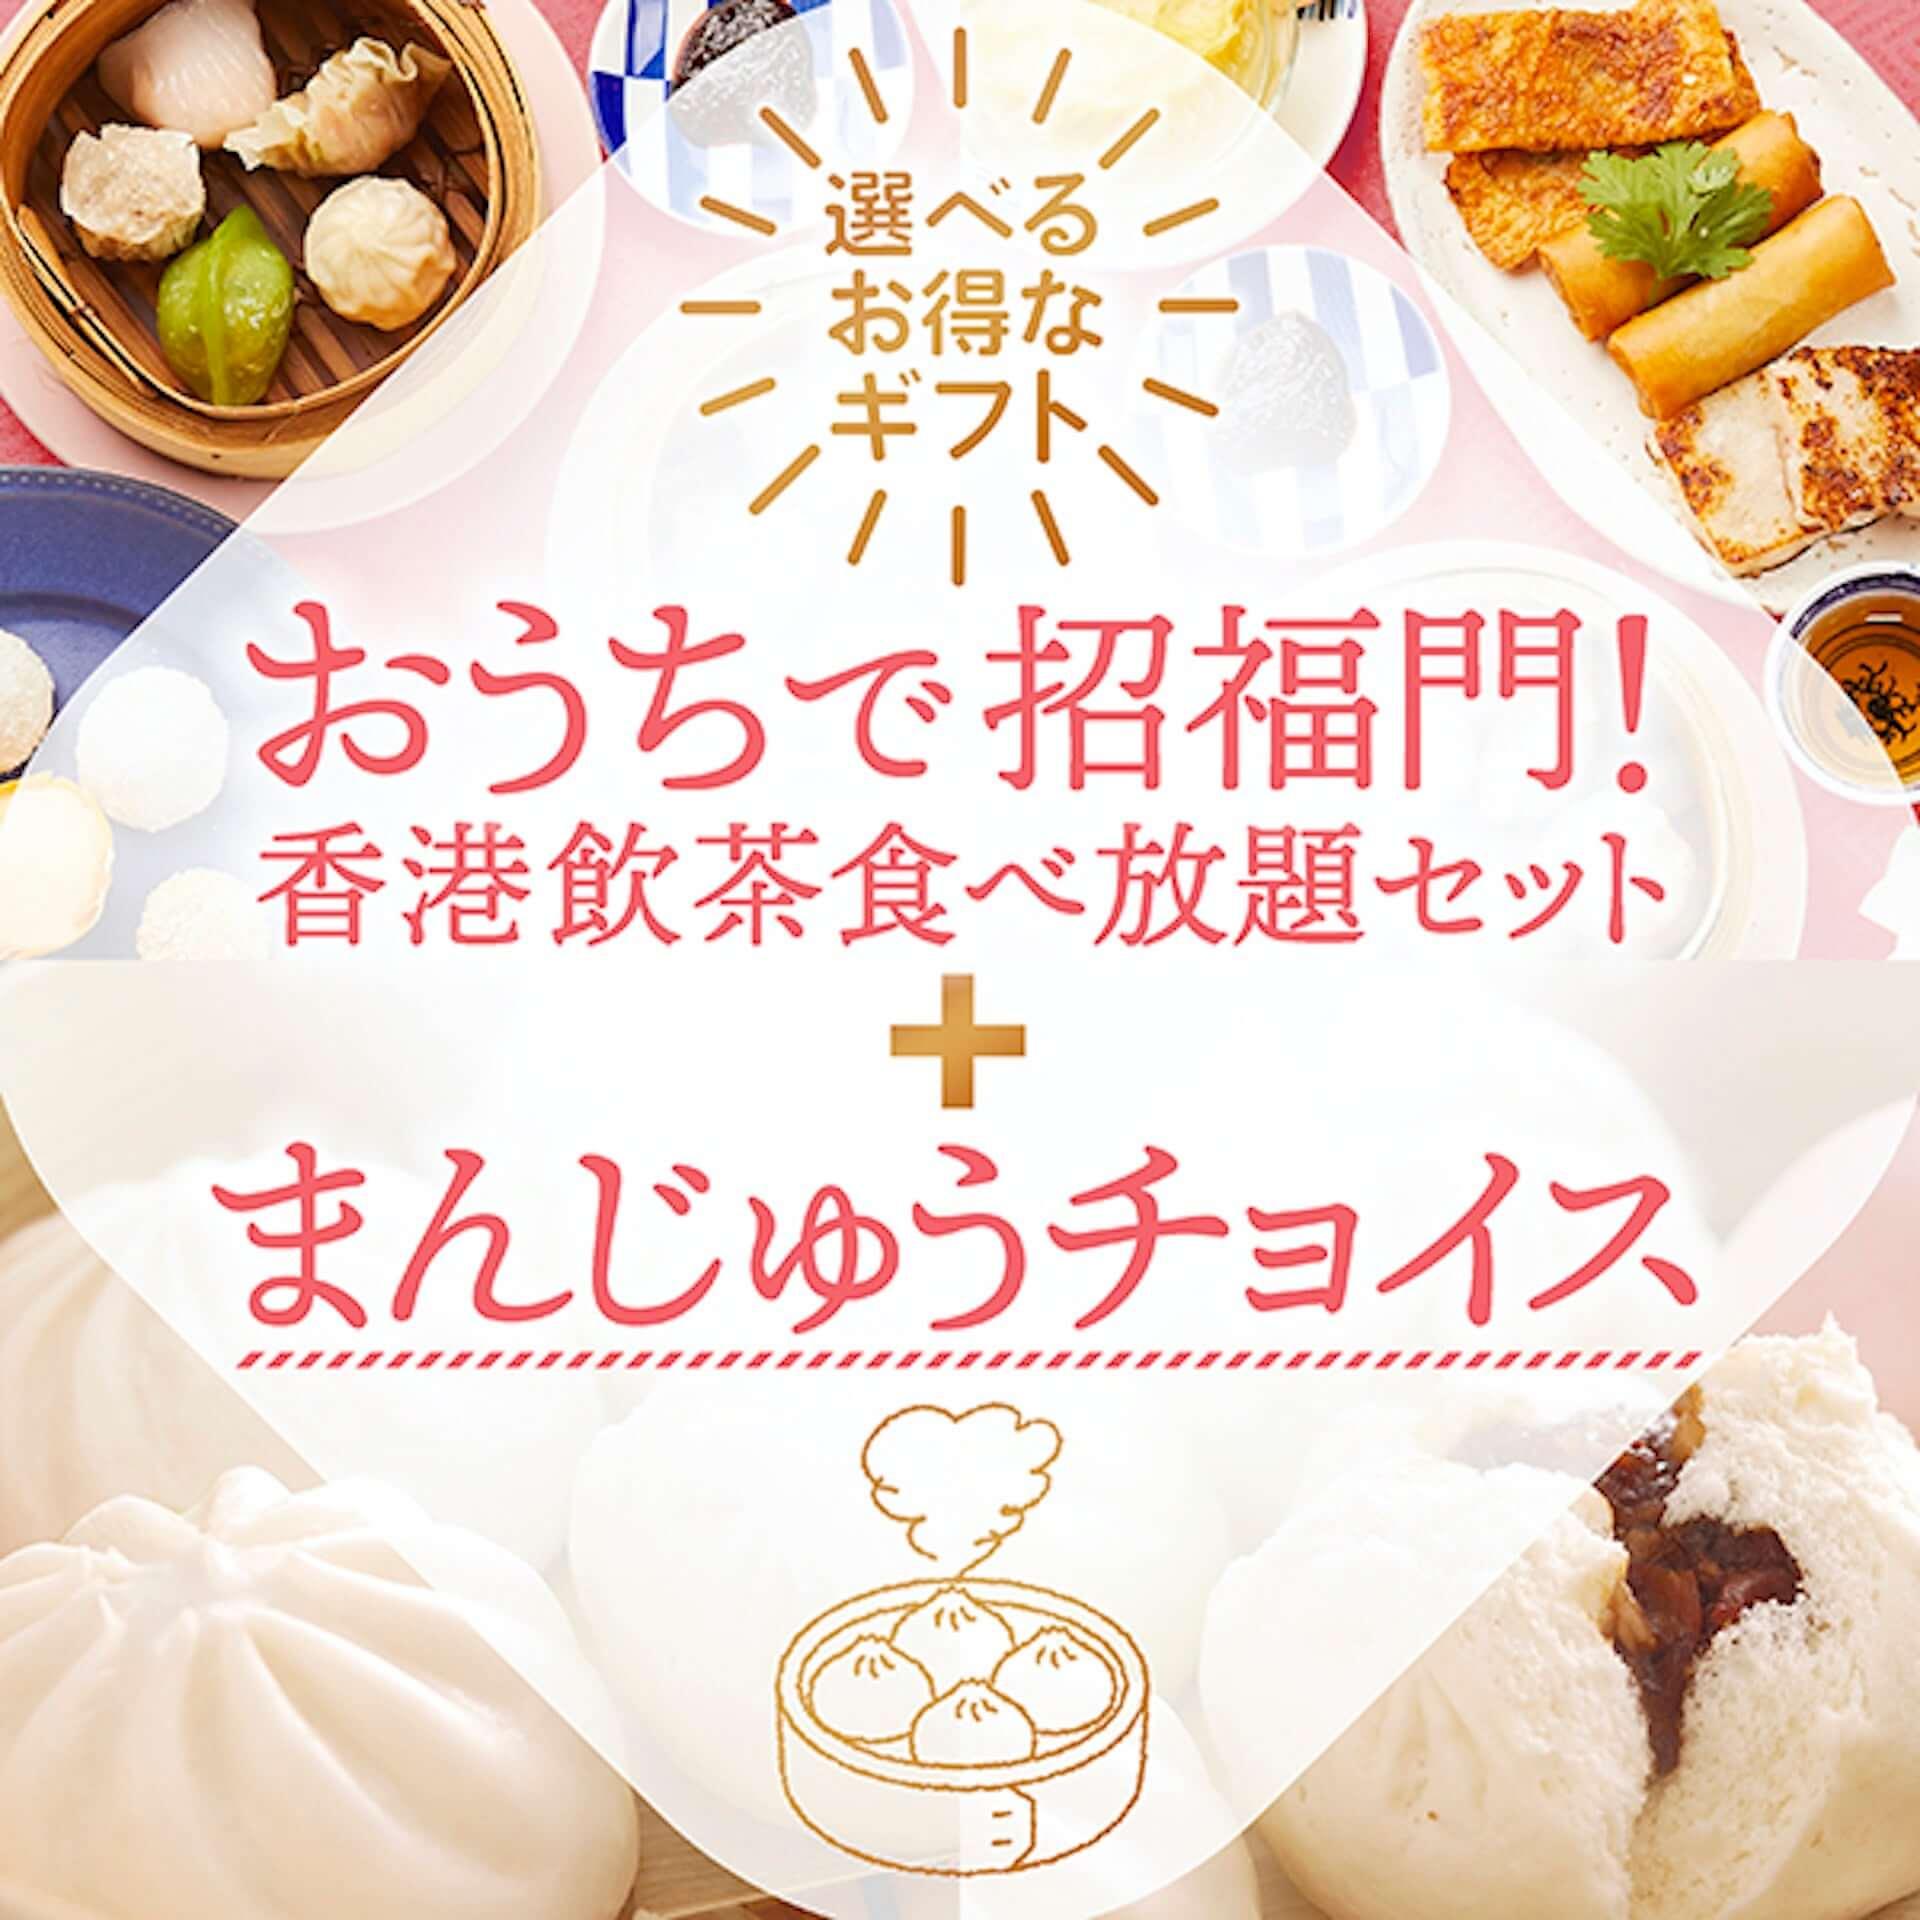 招福門の『香港飲茶食べ放題』をおうちでも!しゅうまい、まんじゅうを追加で選べるギフトセットがオンラインで発売 gourmet200925_shofukumon_1-1920x1920